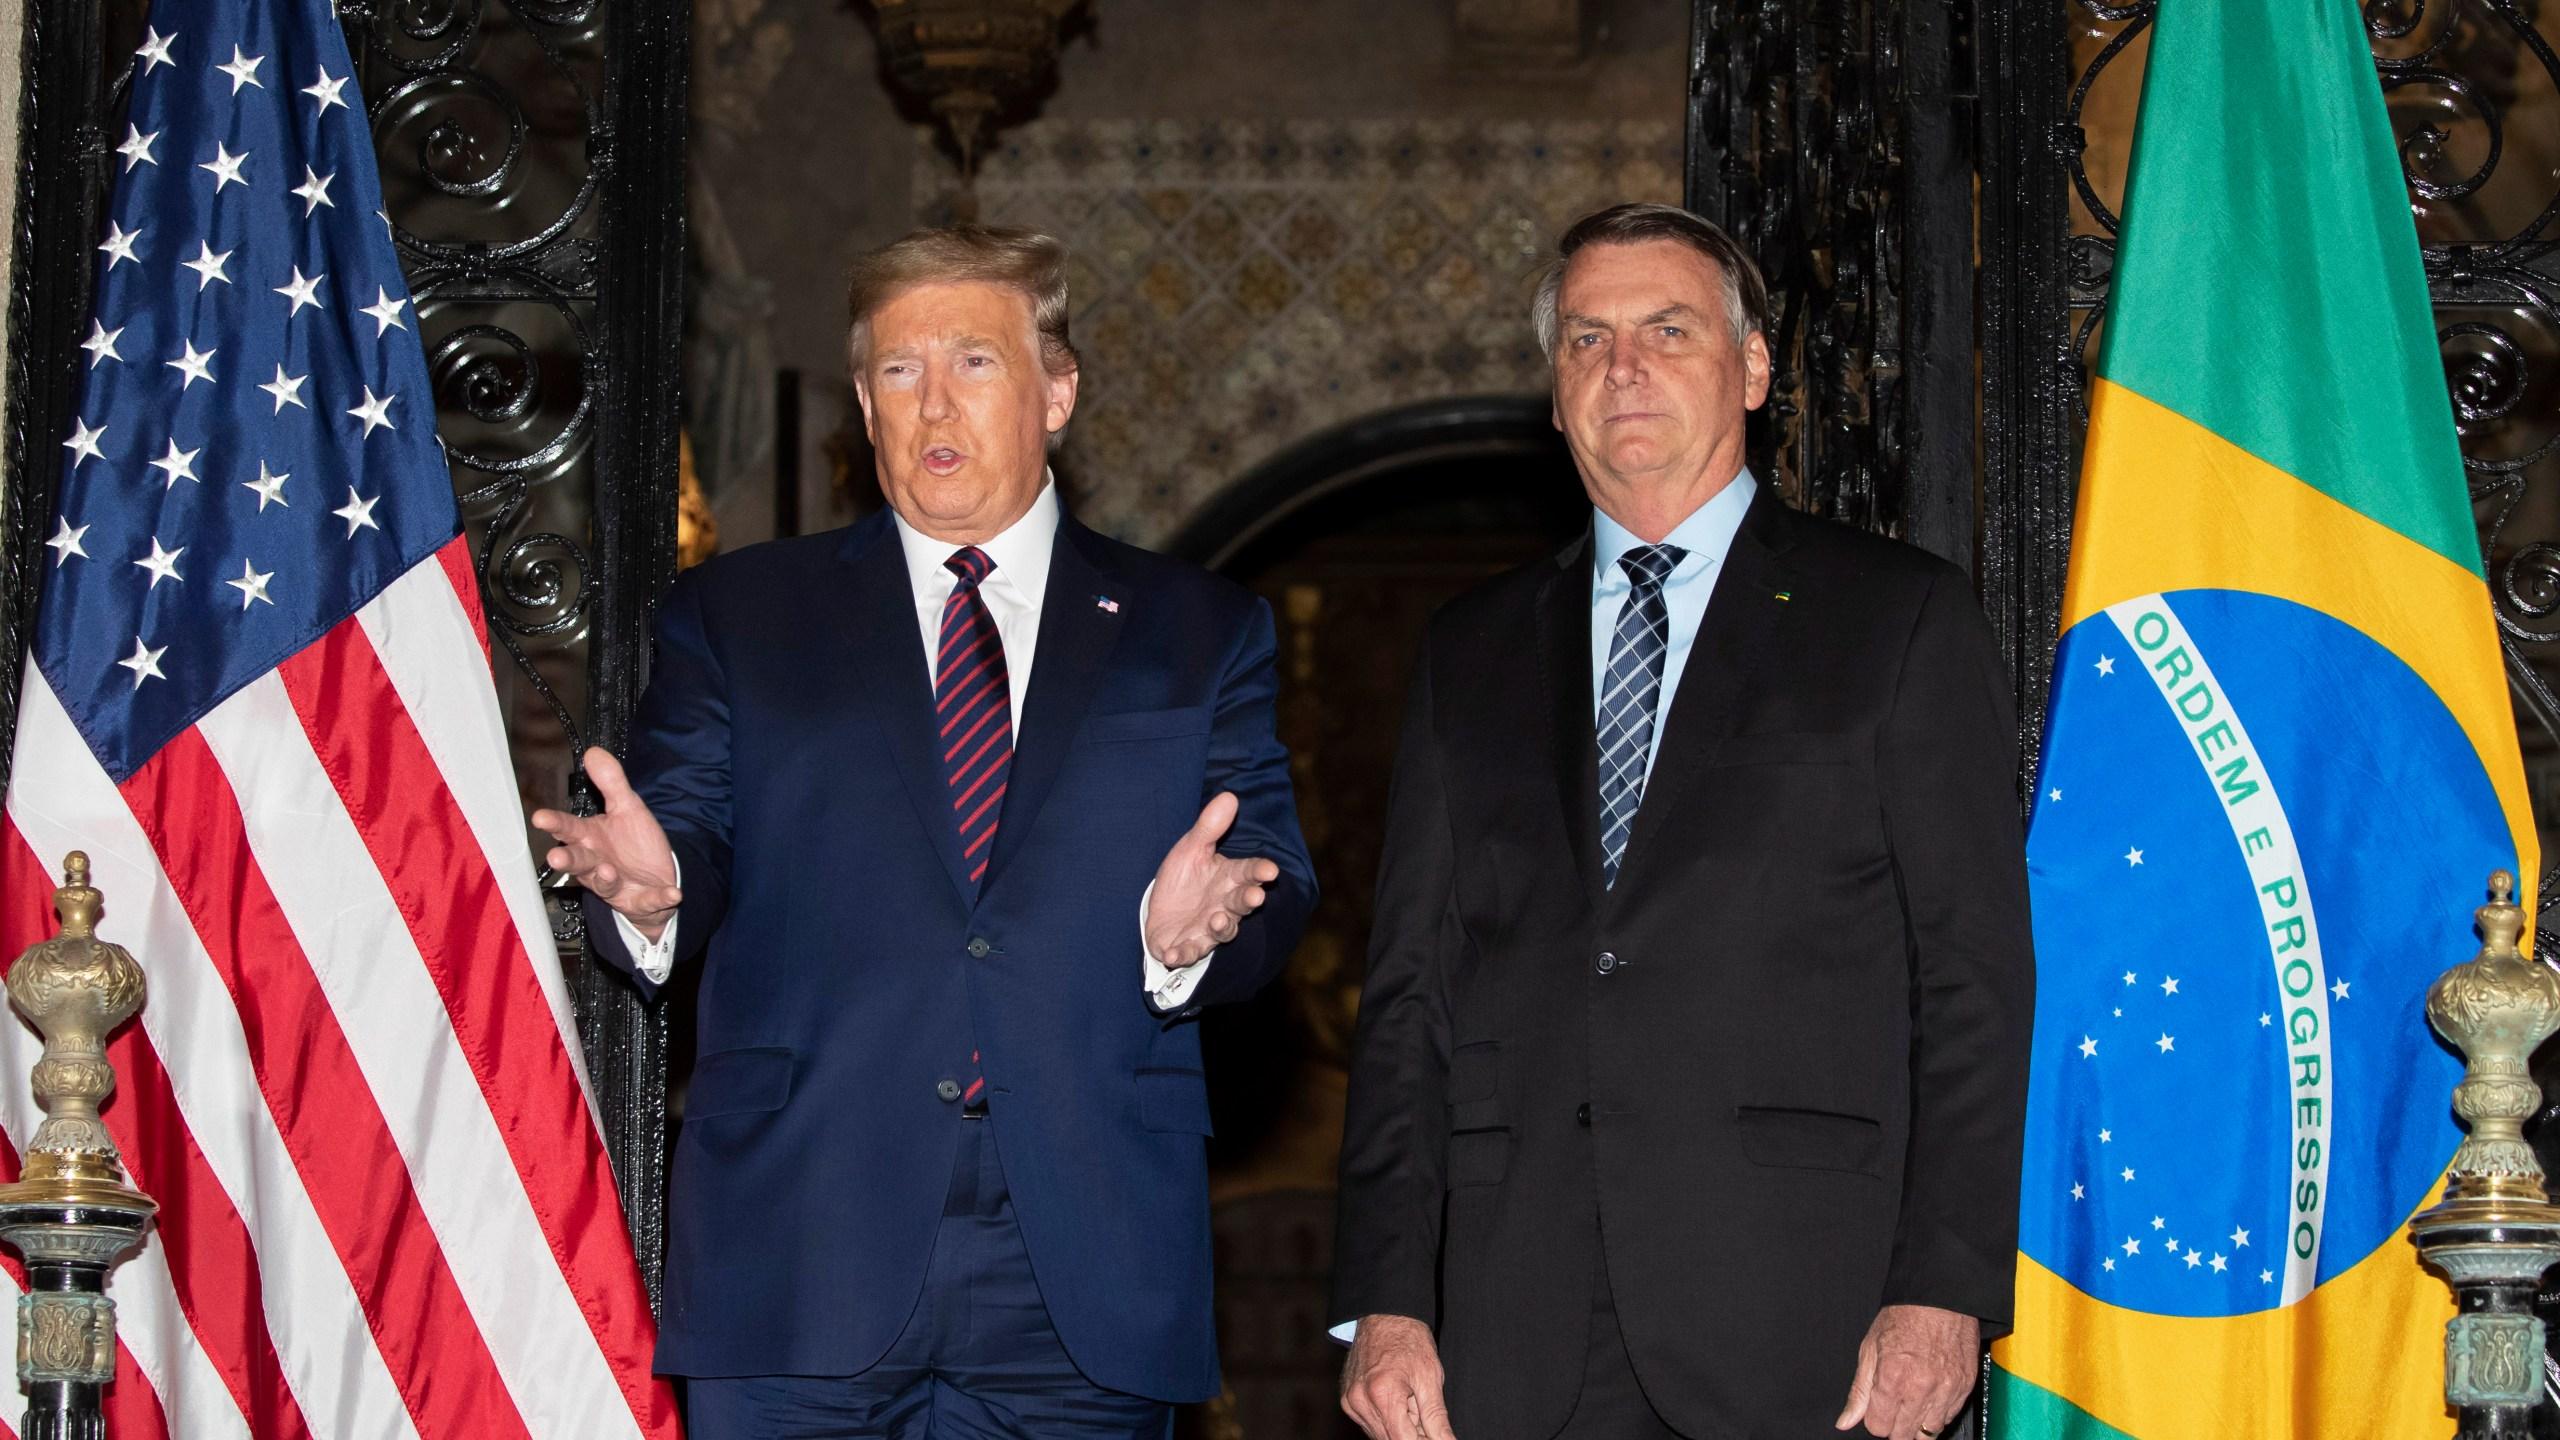 Donald Trump, Jair Bolsonaro, Trump